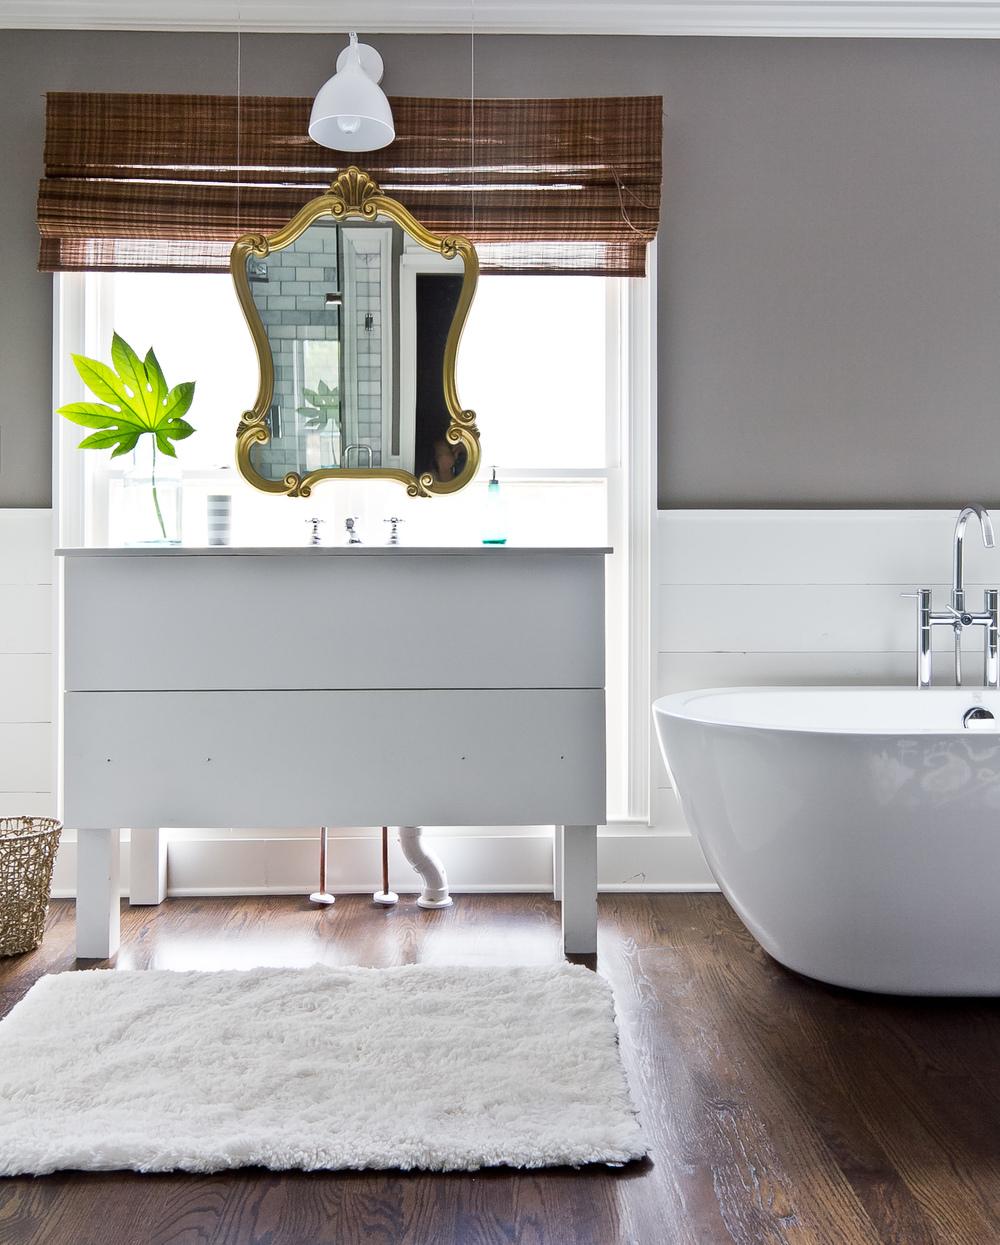 bath vanity 1 (1 of 1).jpg